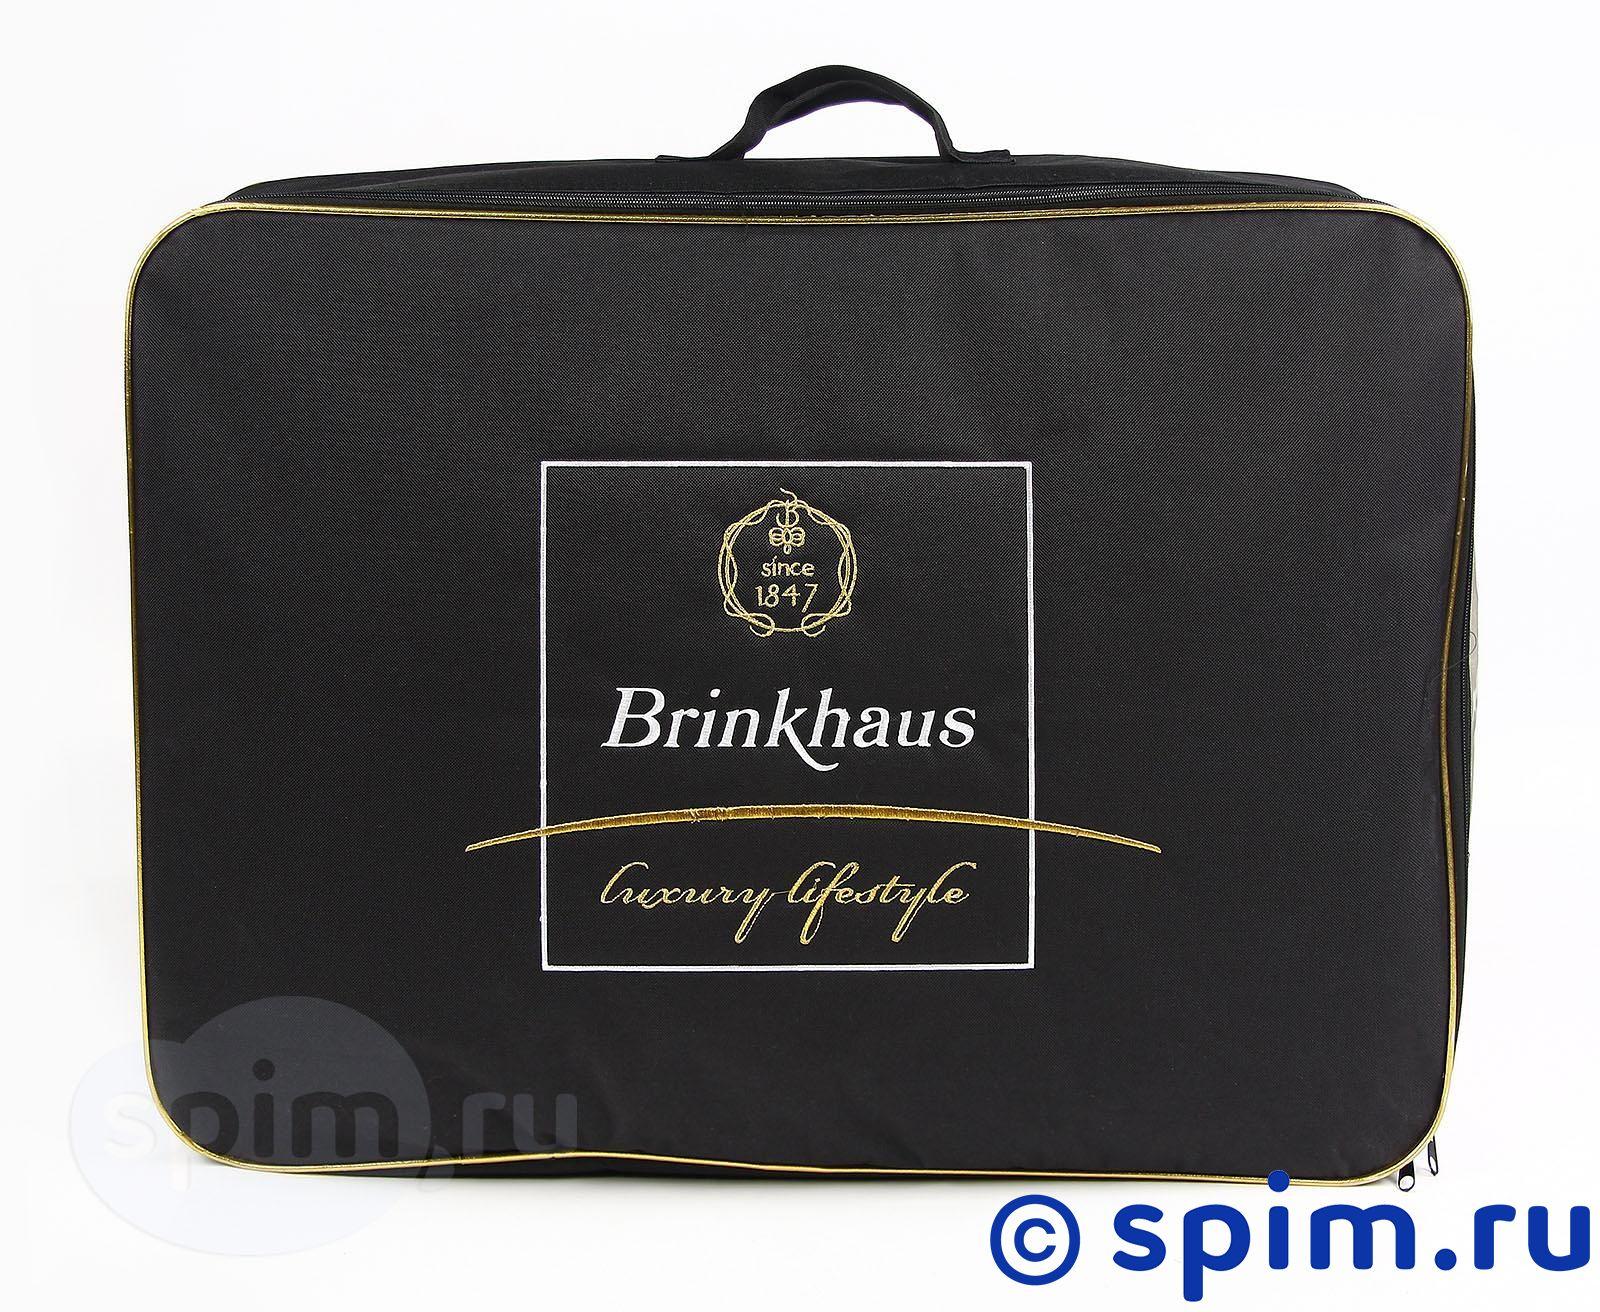 Одеяло Luxury Lifestyle Lord Inlett, теплое 200х200 см